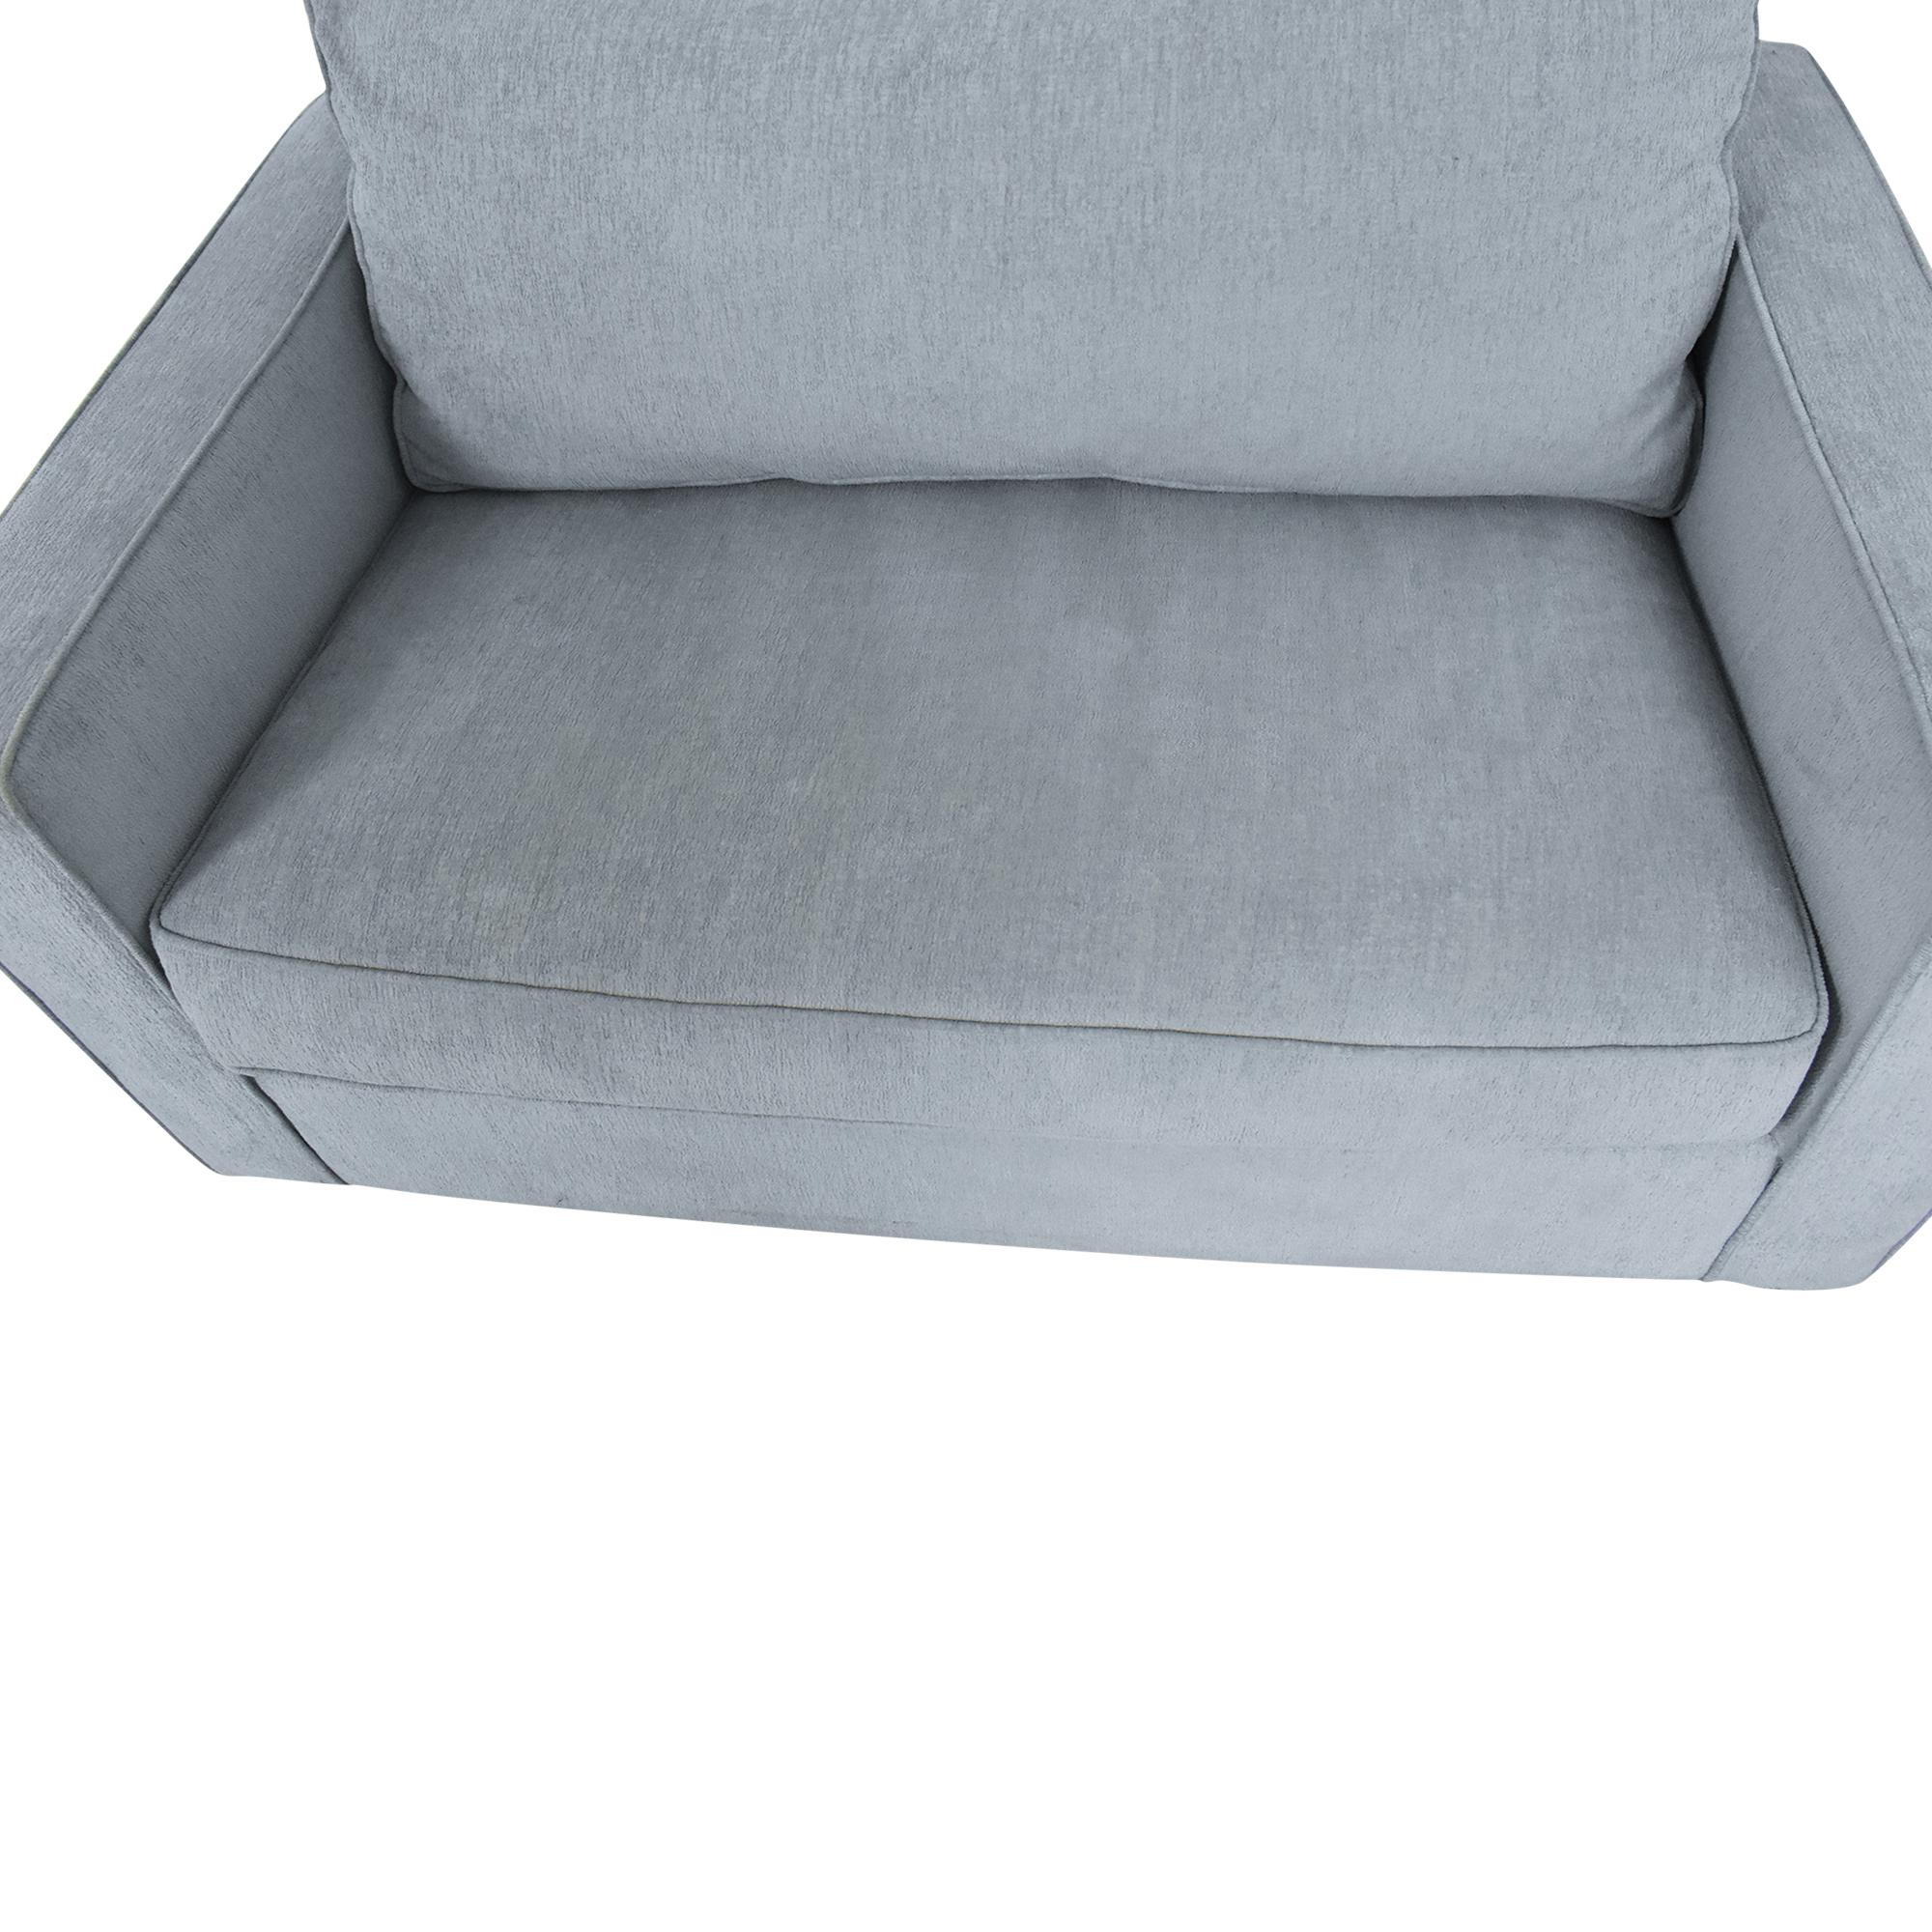 Arhaus Arhaus Filmore Twin Sleeper Chair ct